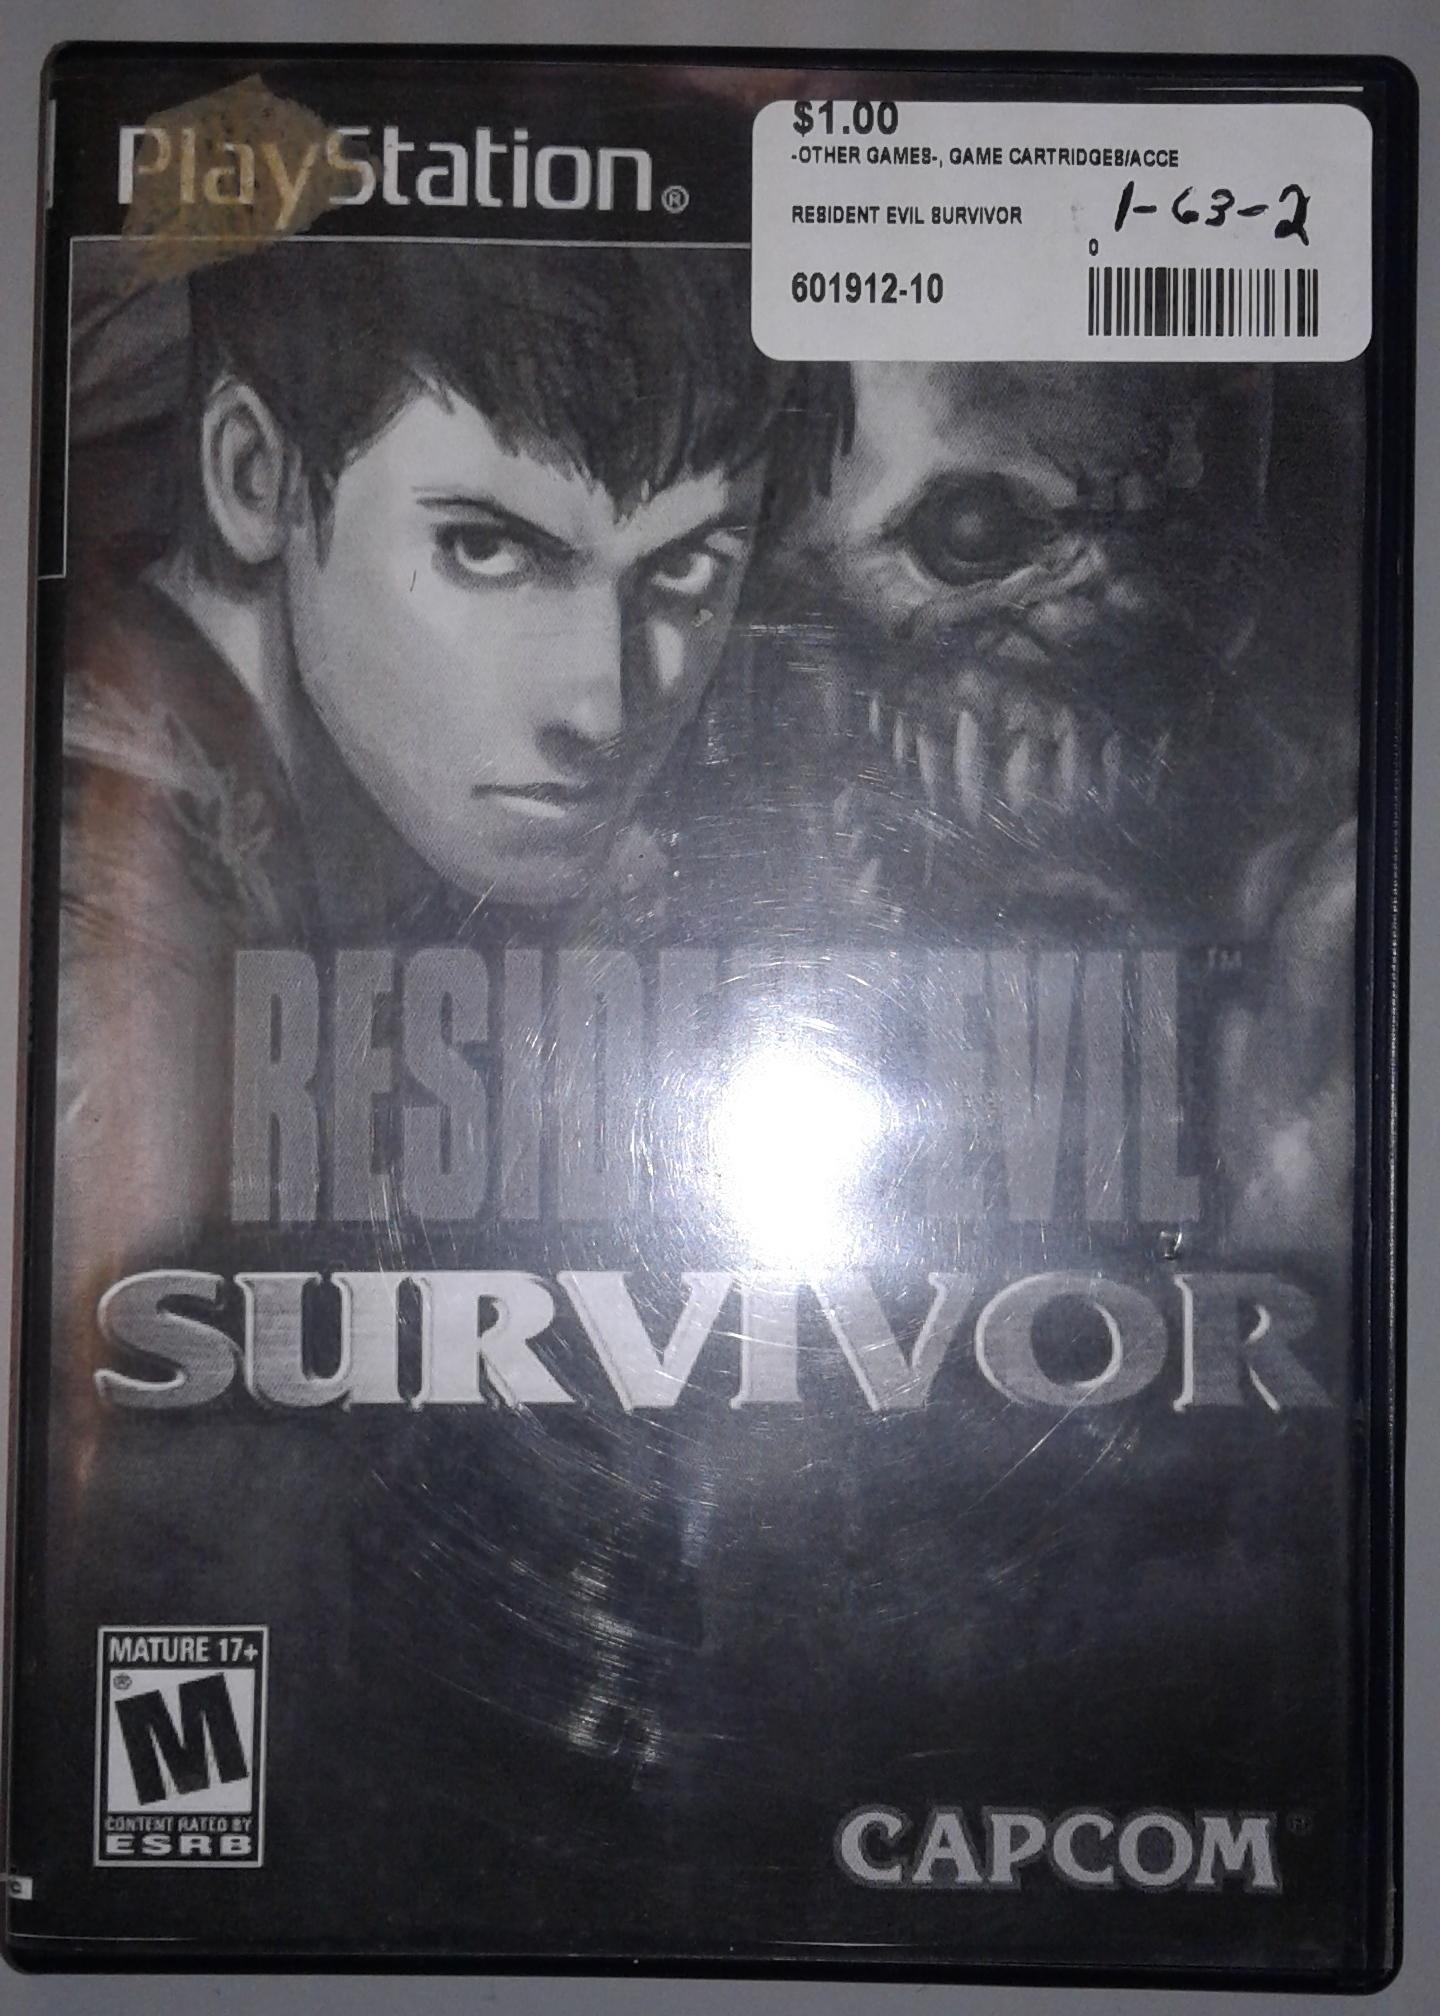 PLAYSTATION RESIDENT EVIL SURVIVOR